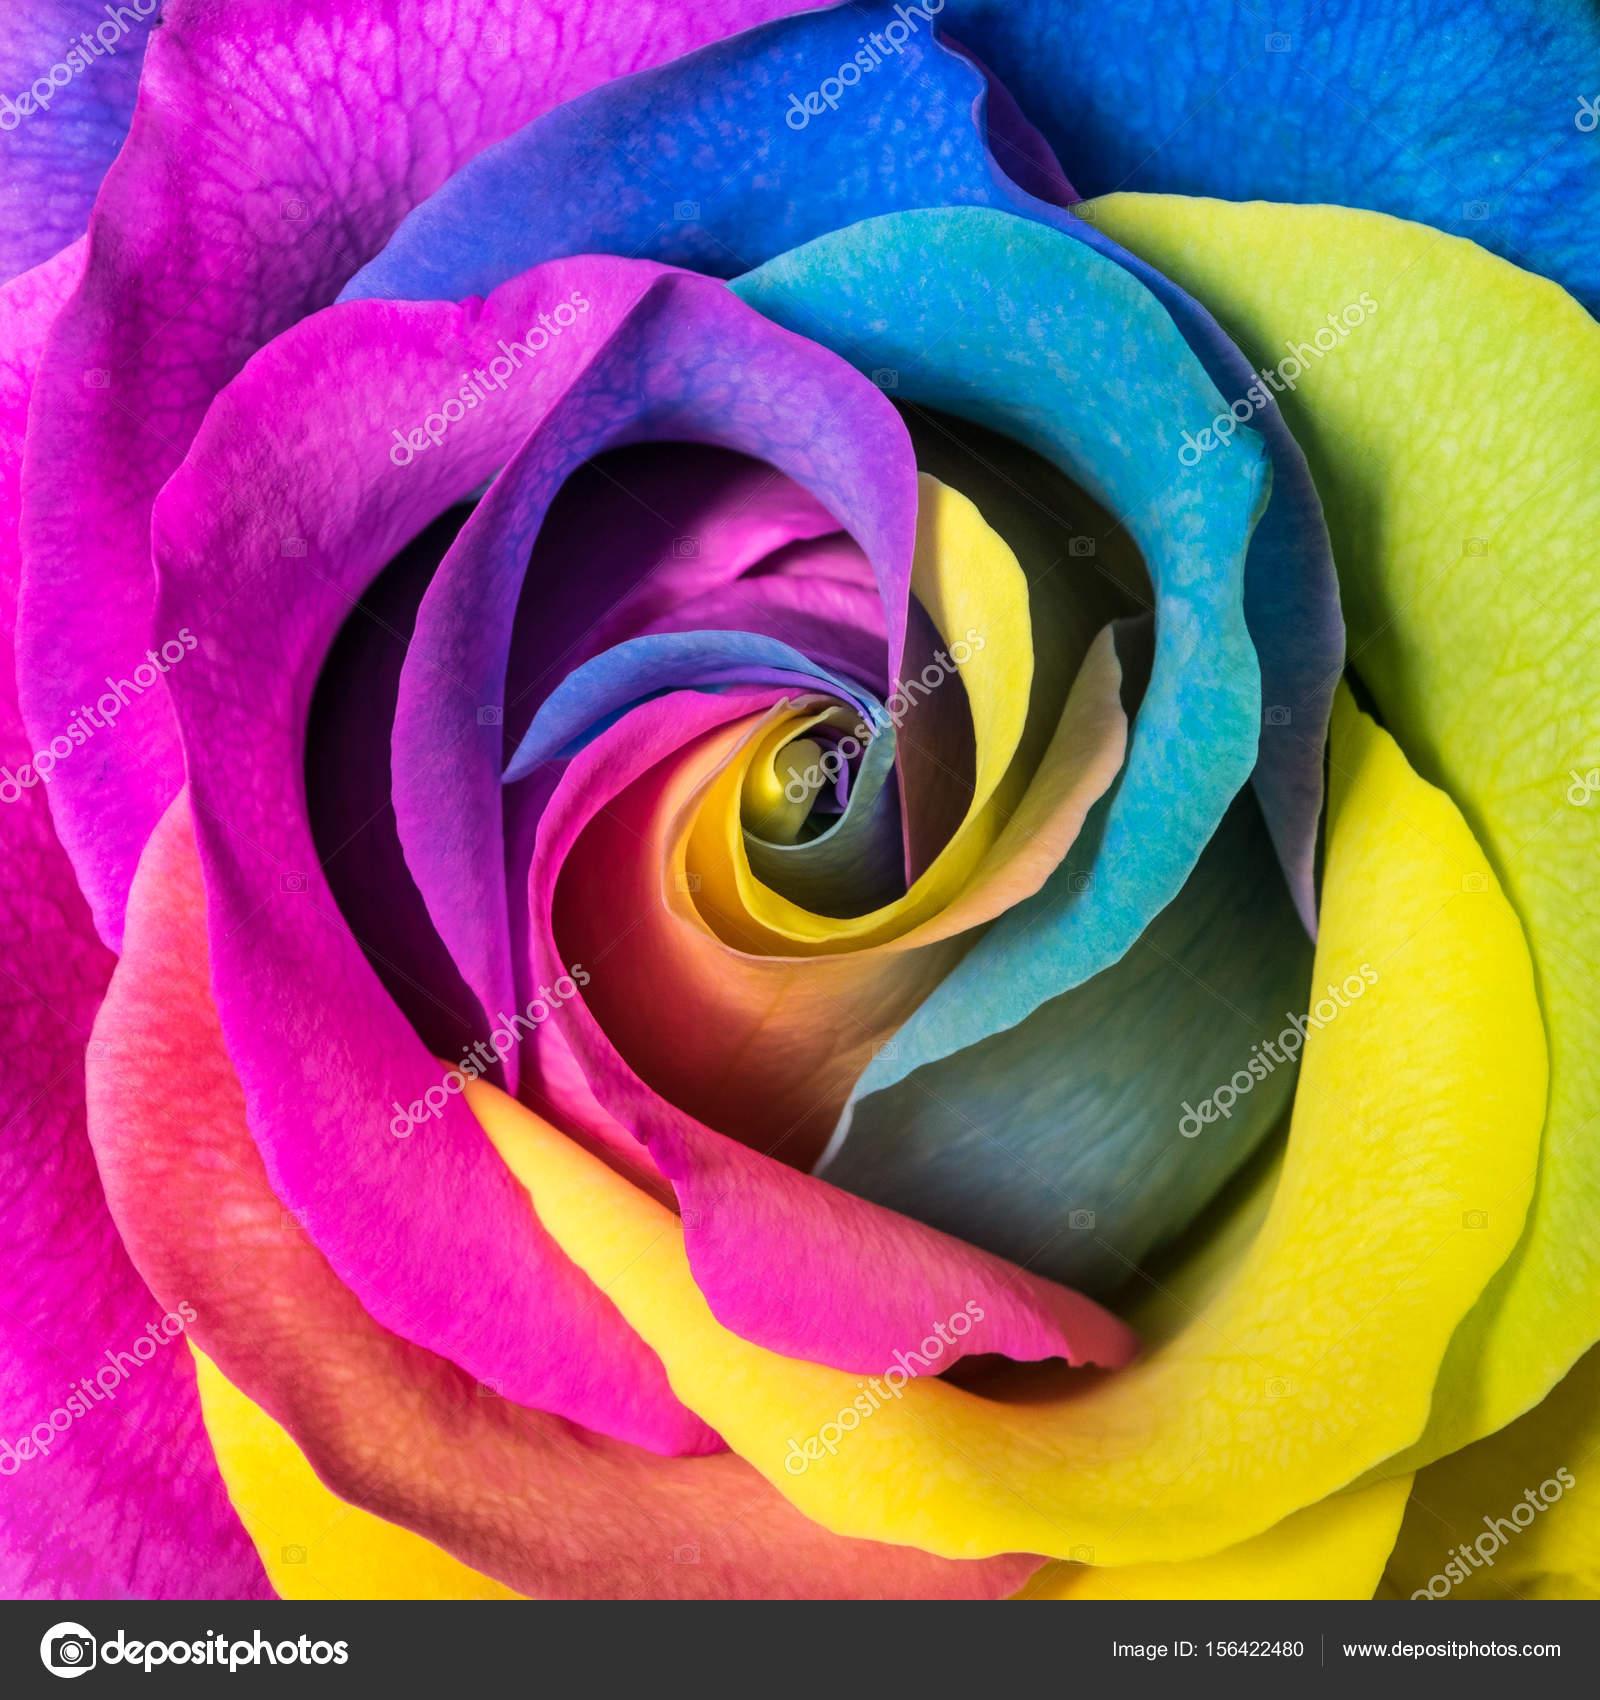 Fond De Belle Fleur Rose Multicolore Photographie Alexbr C 156422480